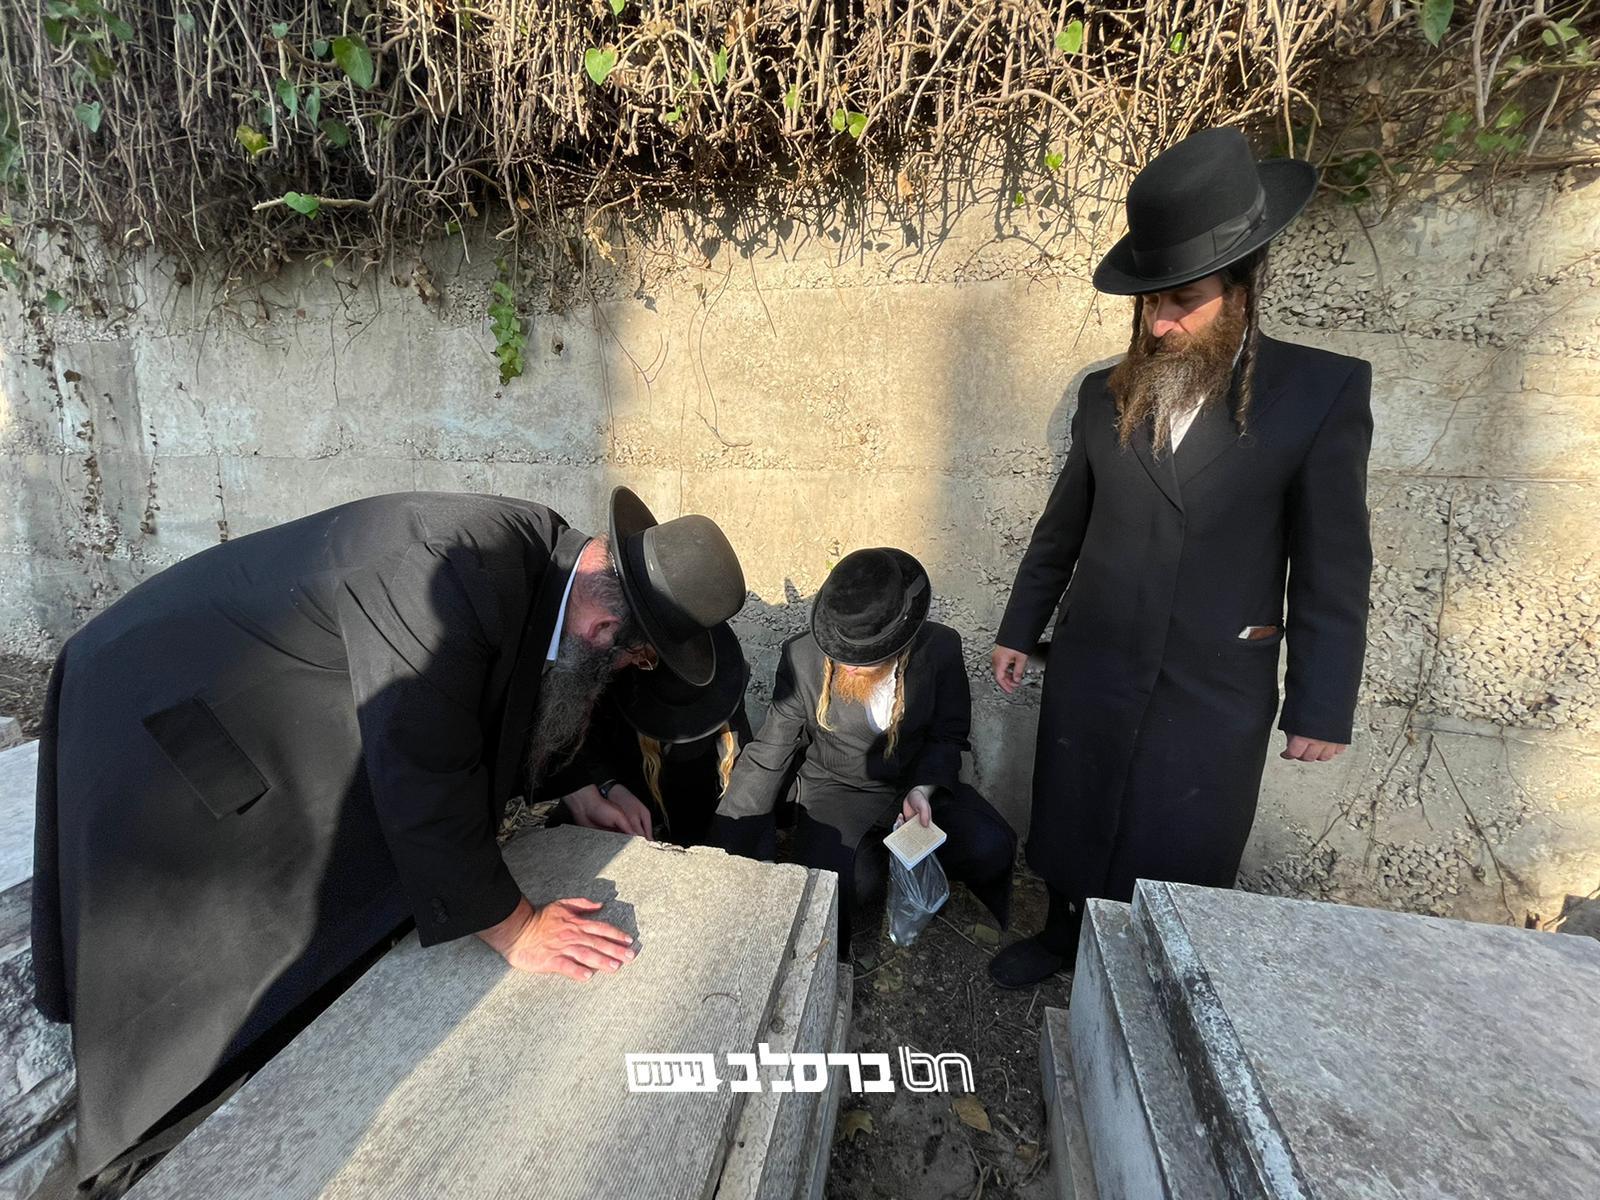 """זכרונם לברכה • כמה מאנ""""ש עלו לקבר 'רבי דניאל גר־הצדק' שהציל את הציון"""